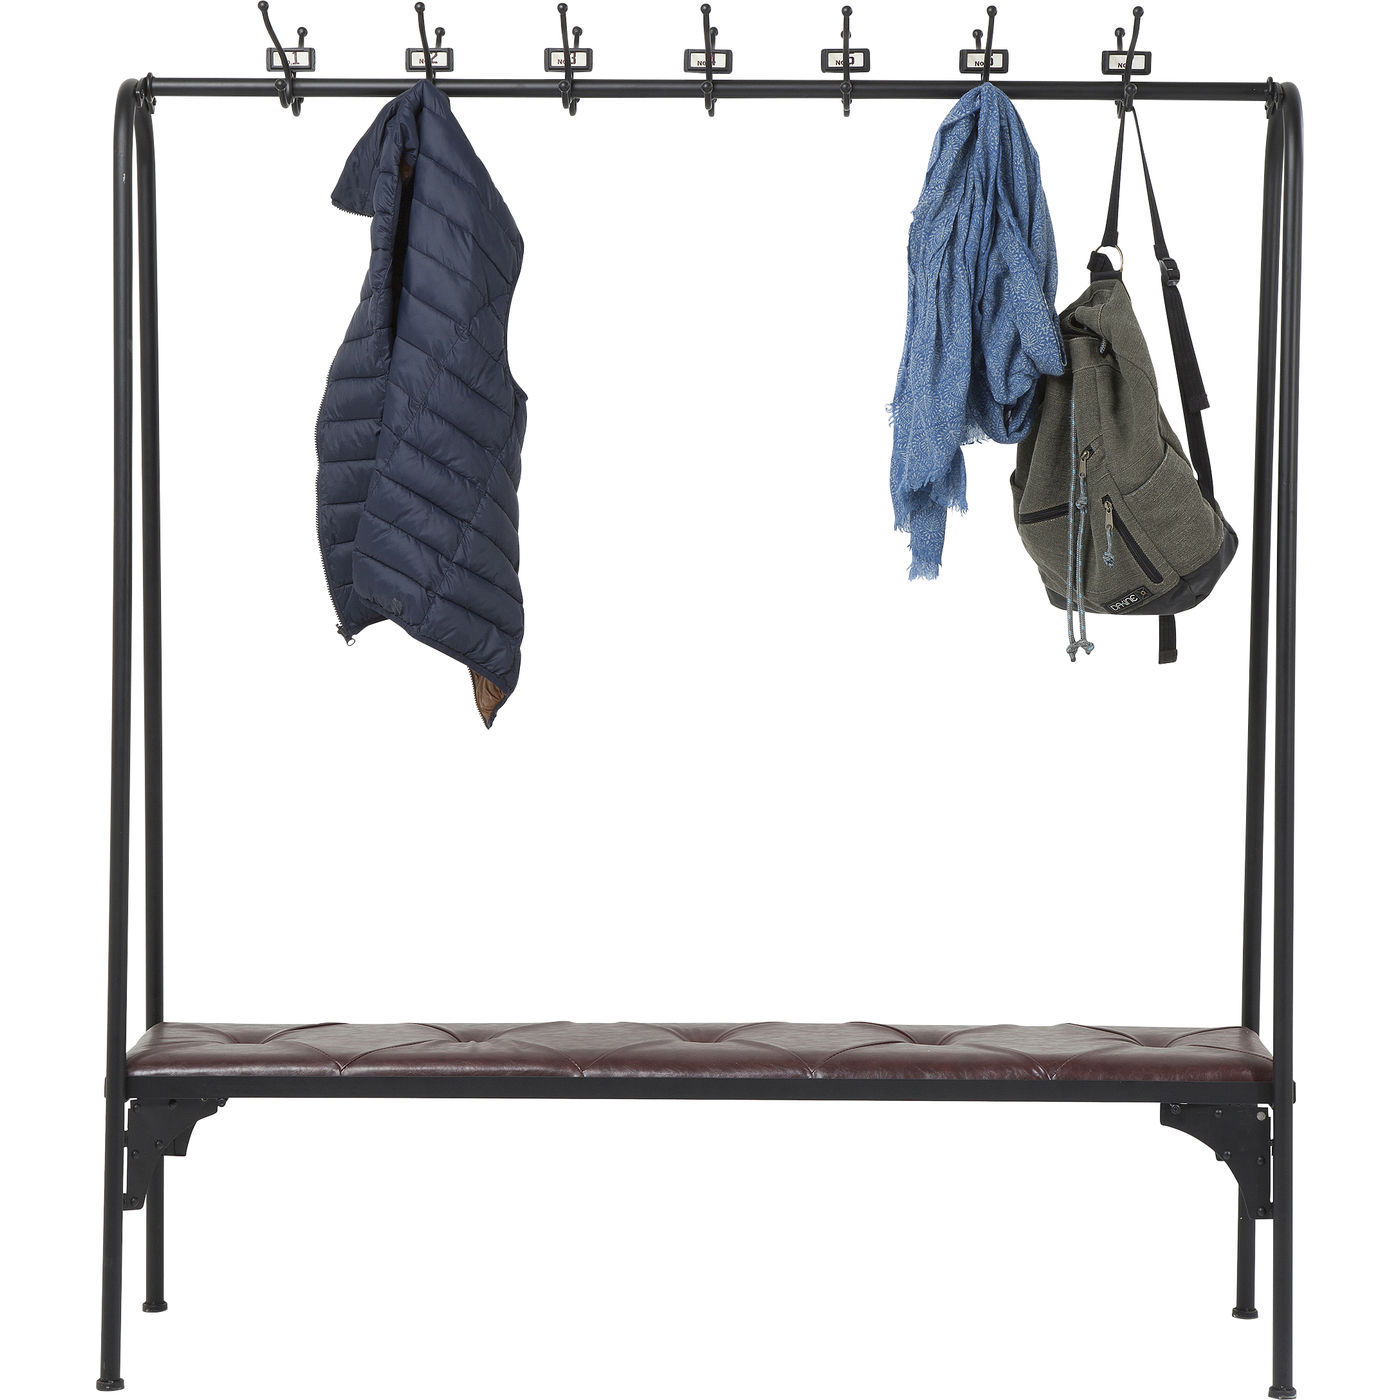 KARE DESIGN Gym Bench garderobestativ & bænk – sort metal og brunt kunstlæder, m. 28 knager